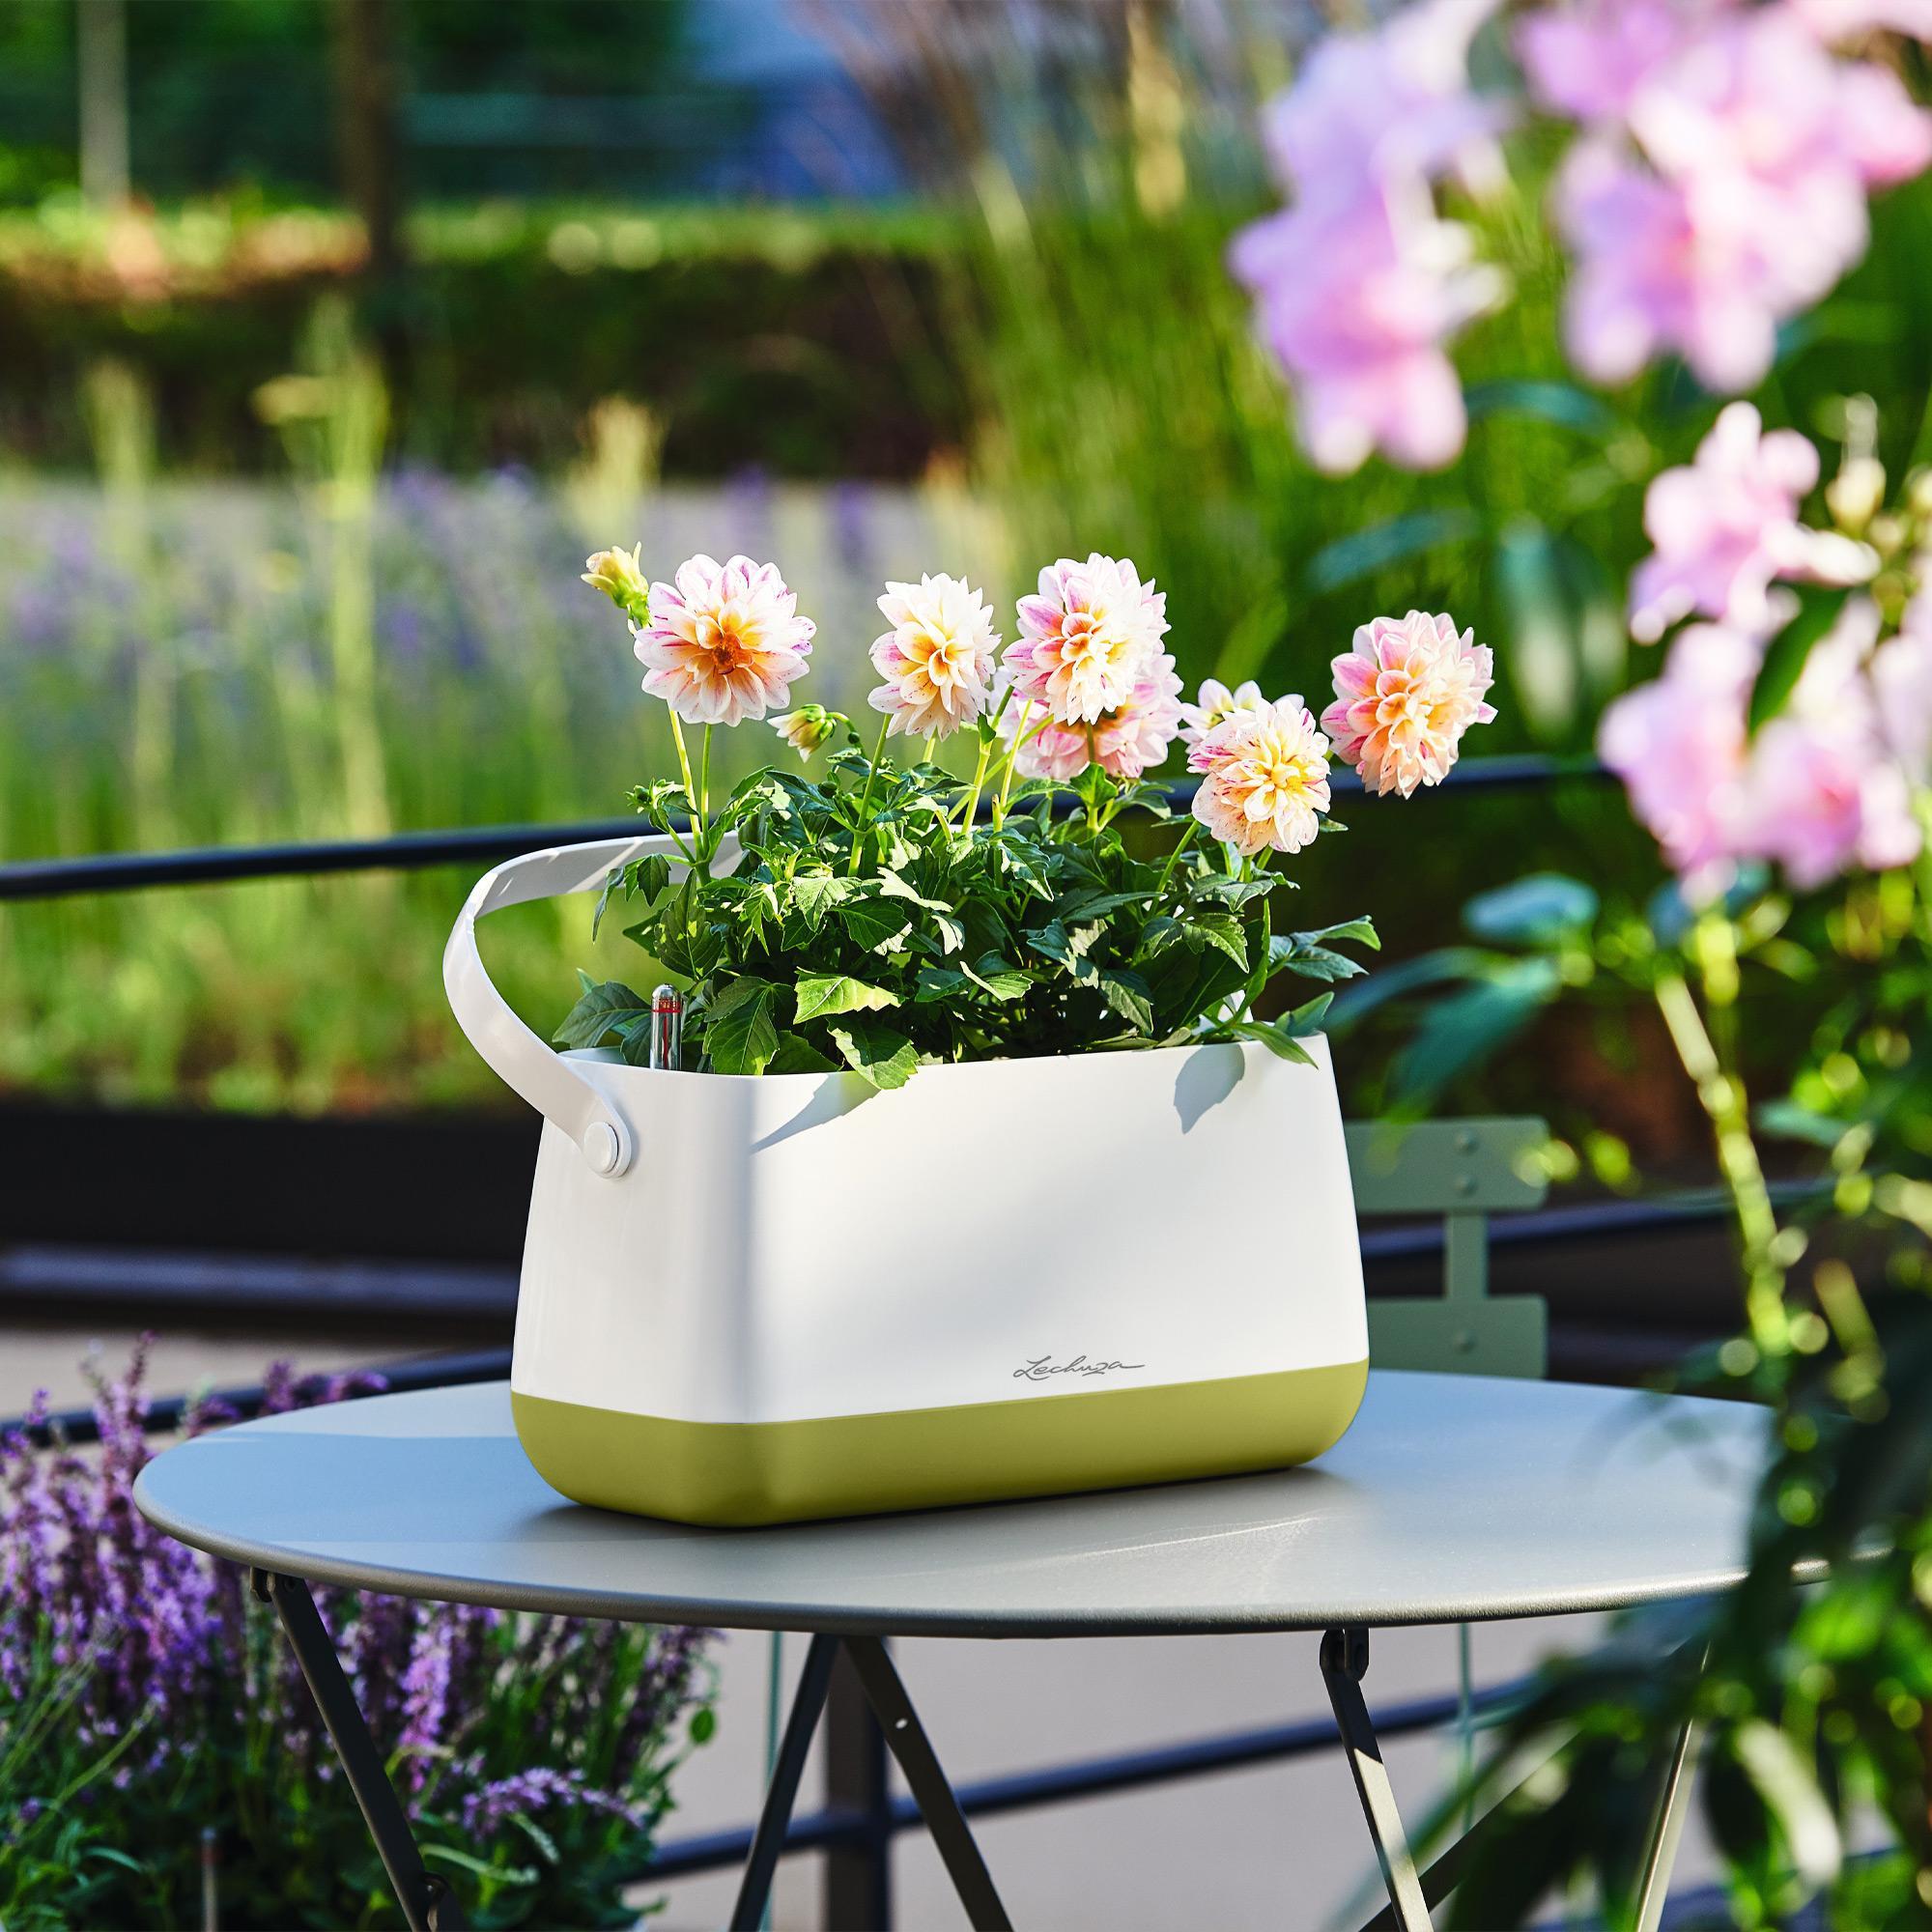 Корзинка для растений YULA белый/серый - изображение 8